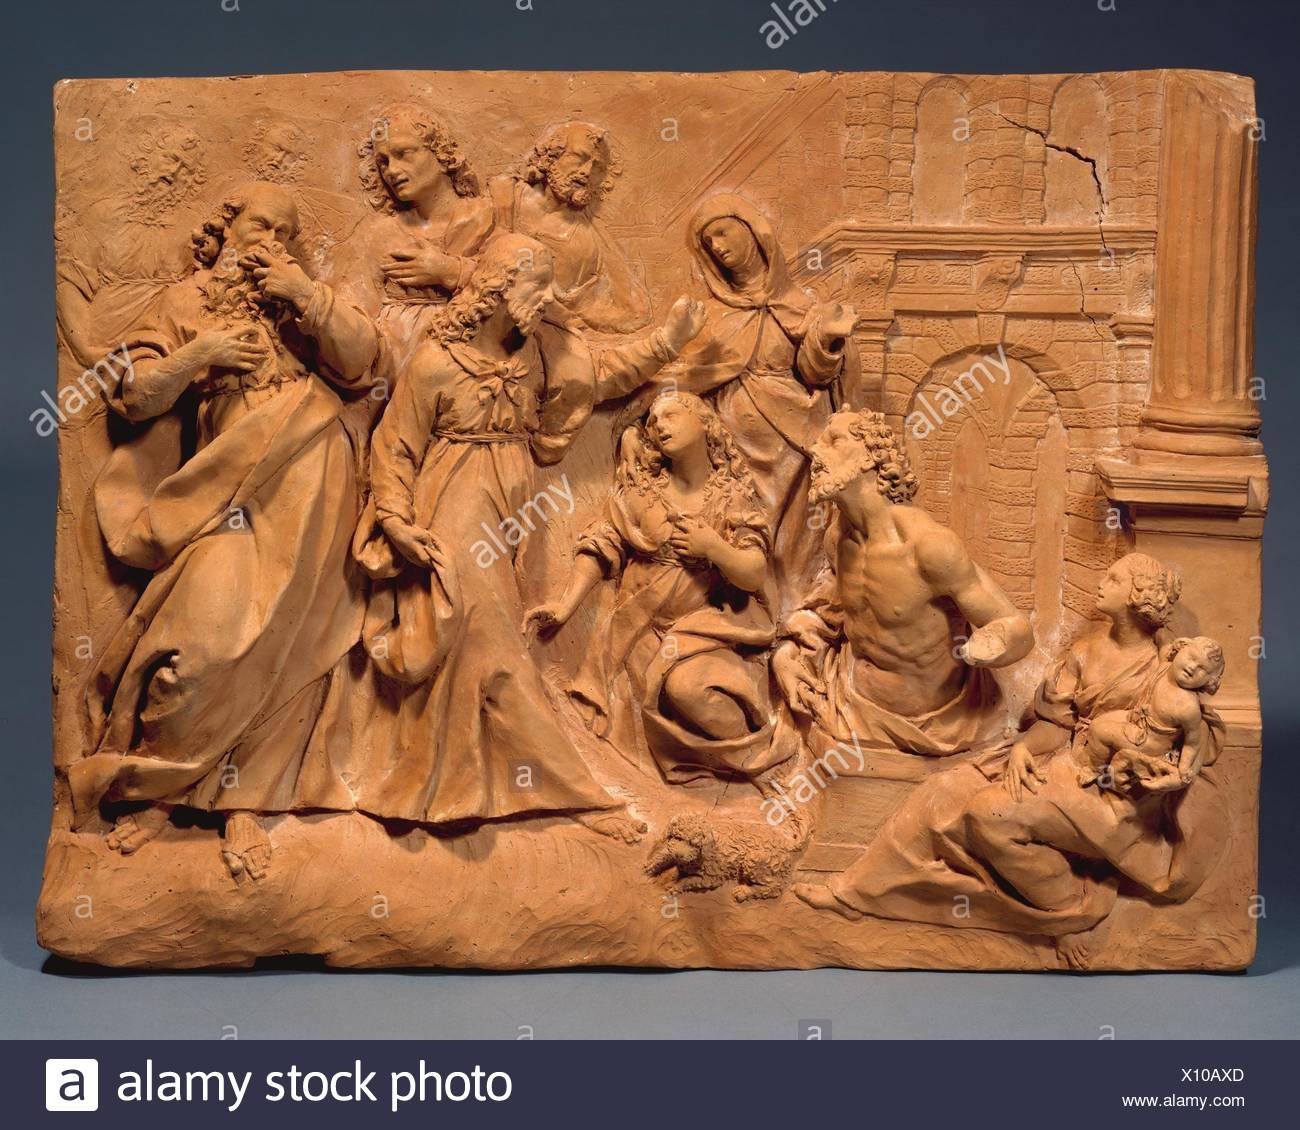 Die Auferweckung des Lazarus. Datum: Ca. 1620; Kultur: Wahrscheinlich Italienisch, Mailand; Medium: Terrakotta; Maße: 14 3/4 x 19 7/8 in. (37,5 x 50,5 cm); Stockbild